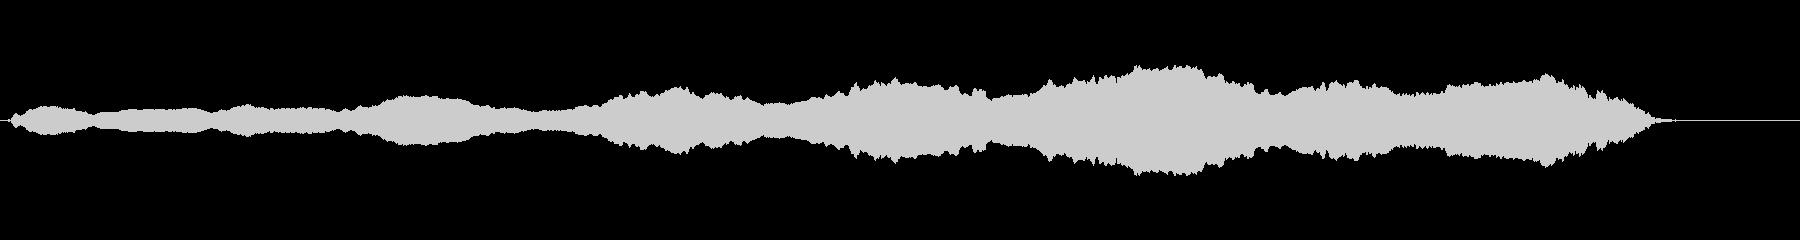 スライドホイッスル:滑走スライドコ...の未再生の波形